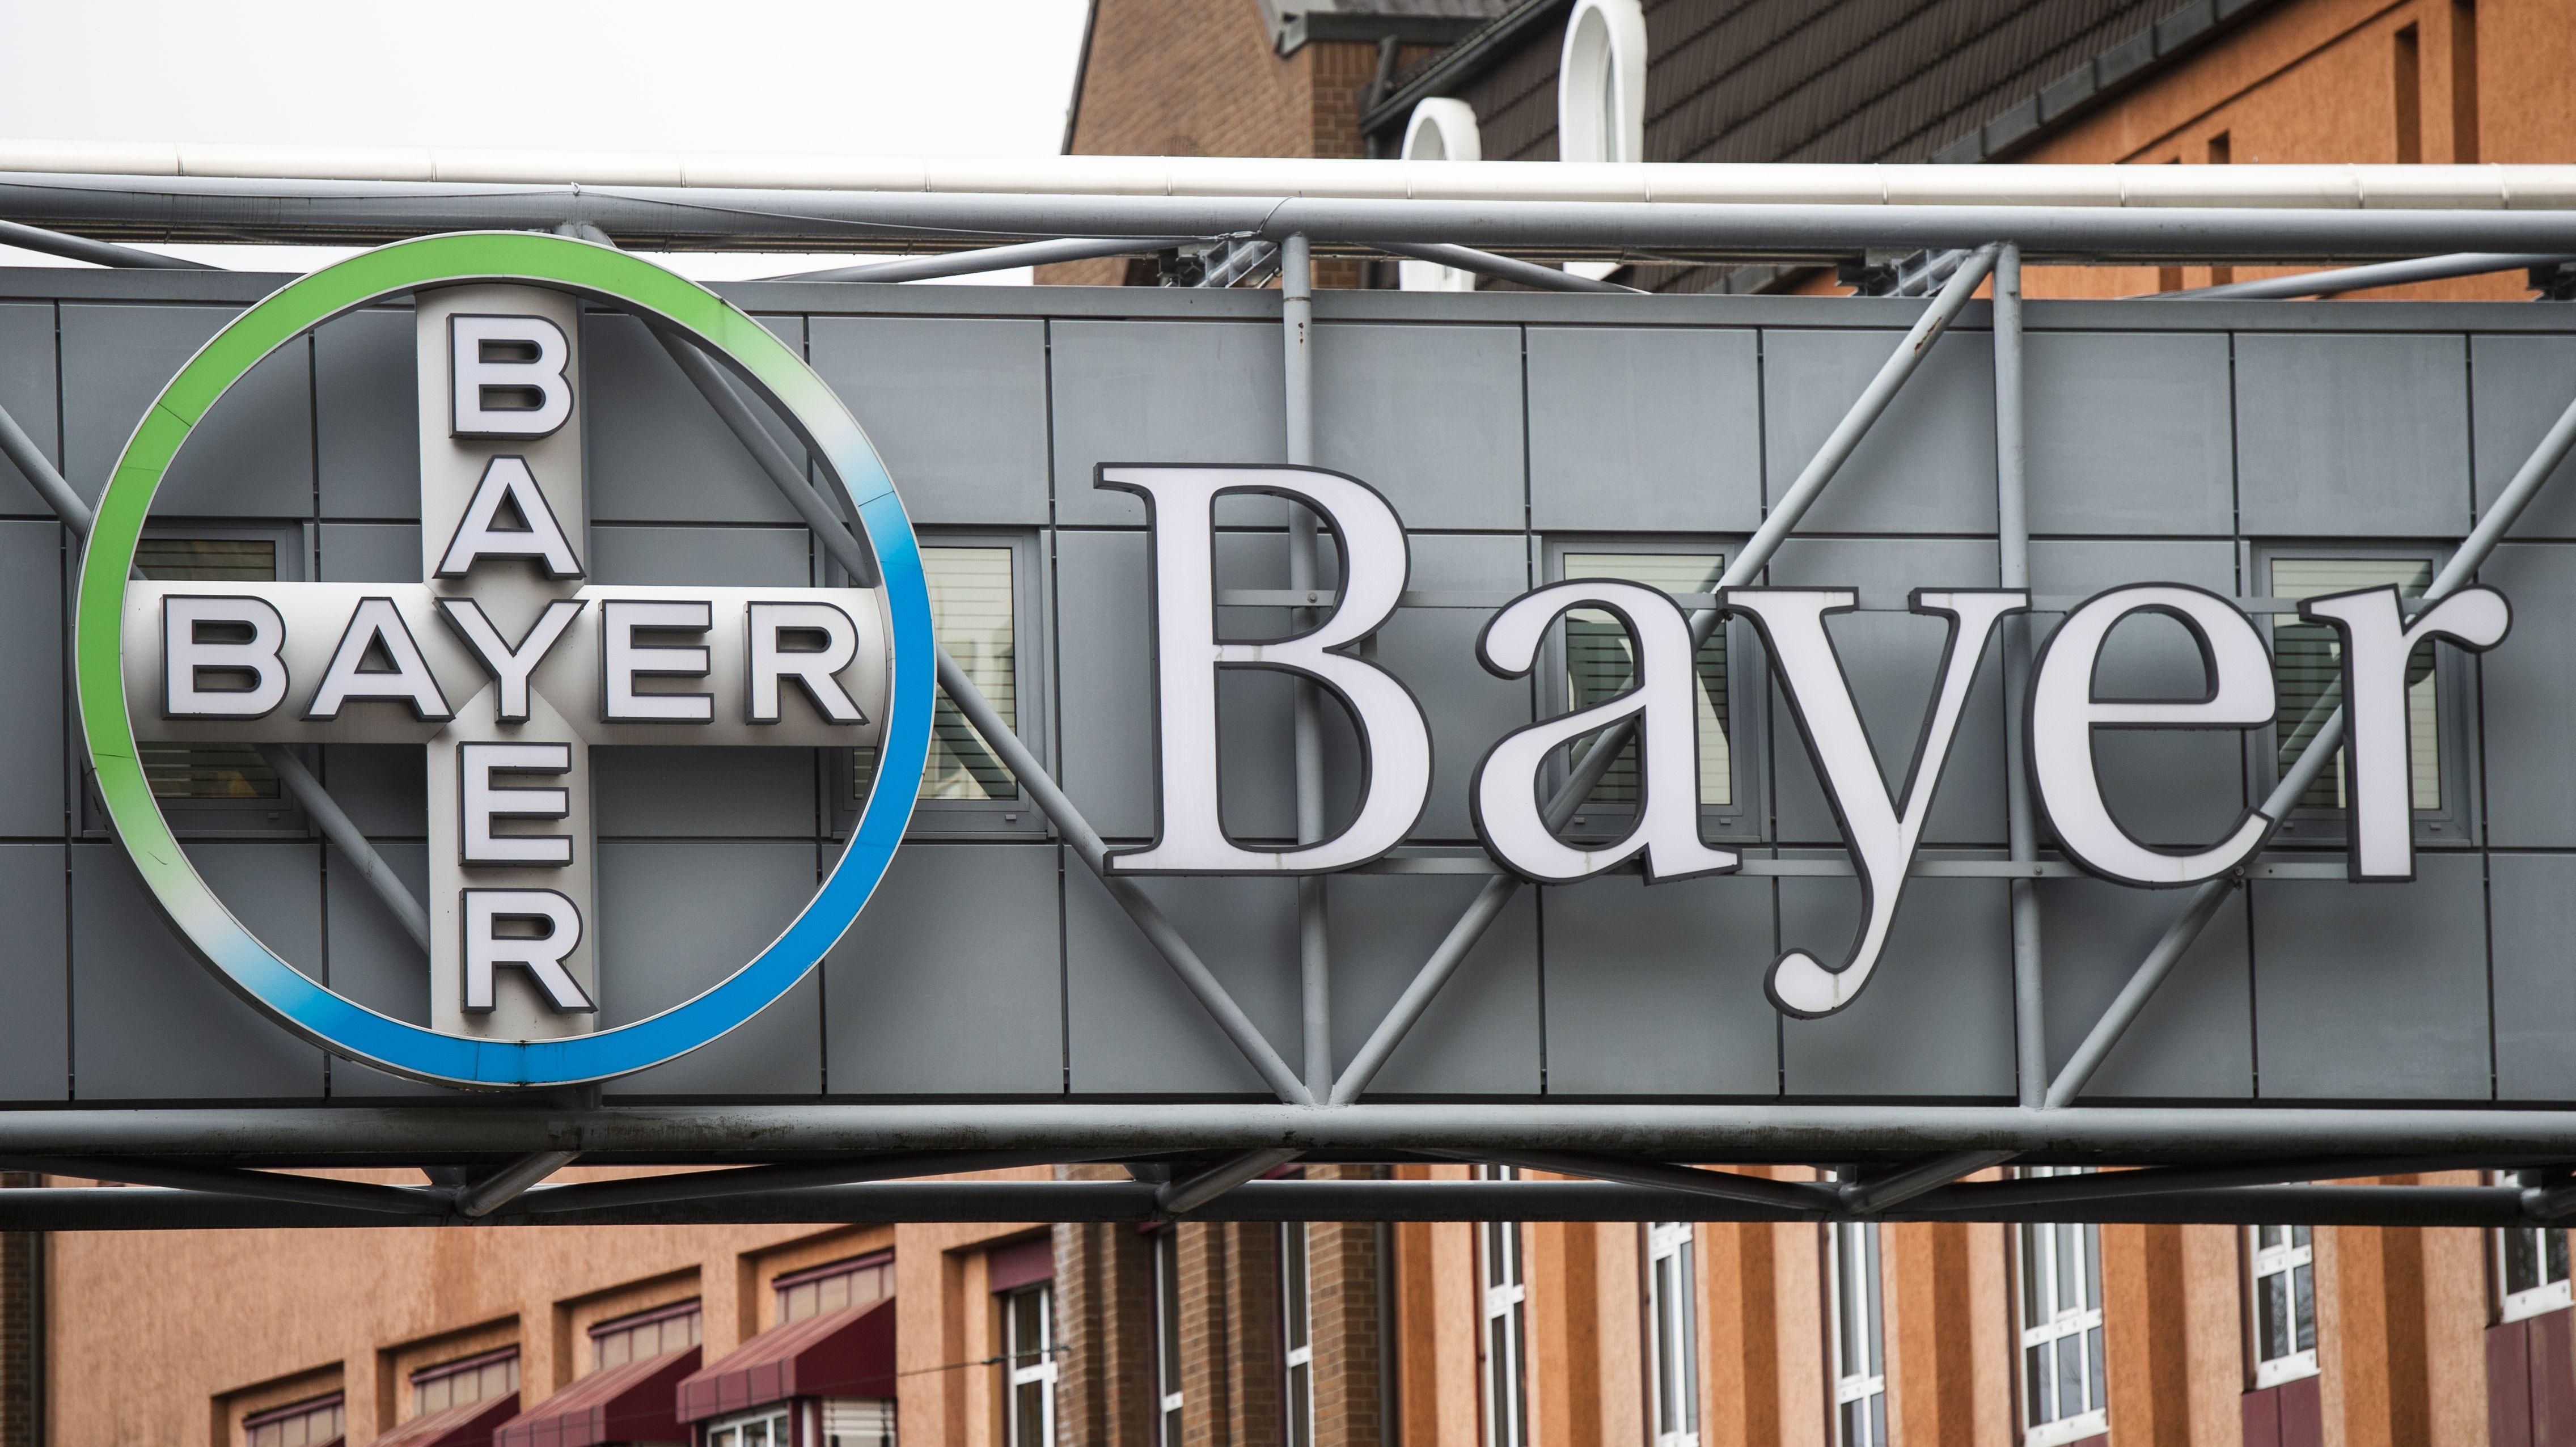 An einem Gebäude des Bayer-Konzerns hängt das Unternehmens-Logo.